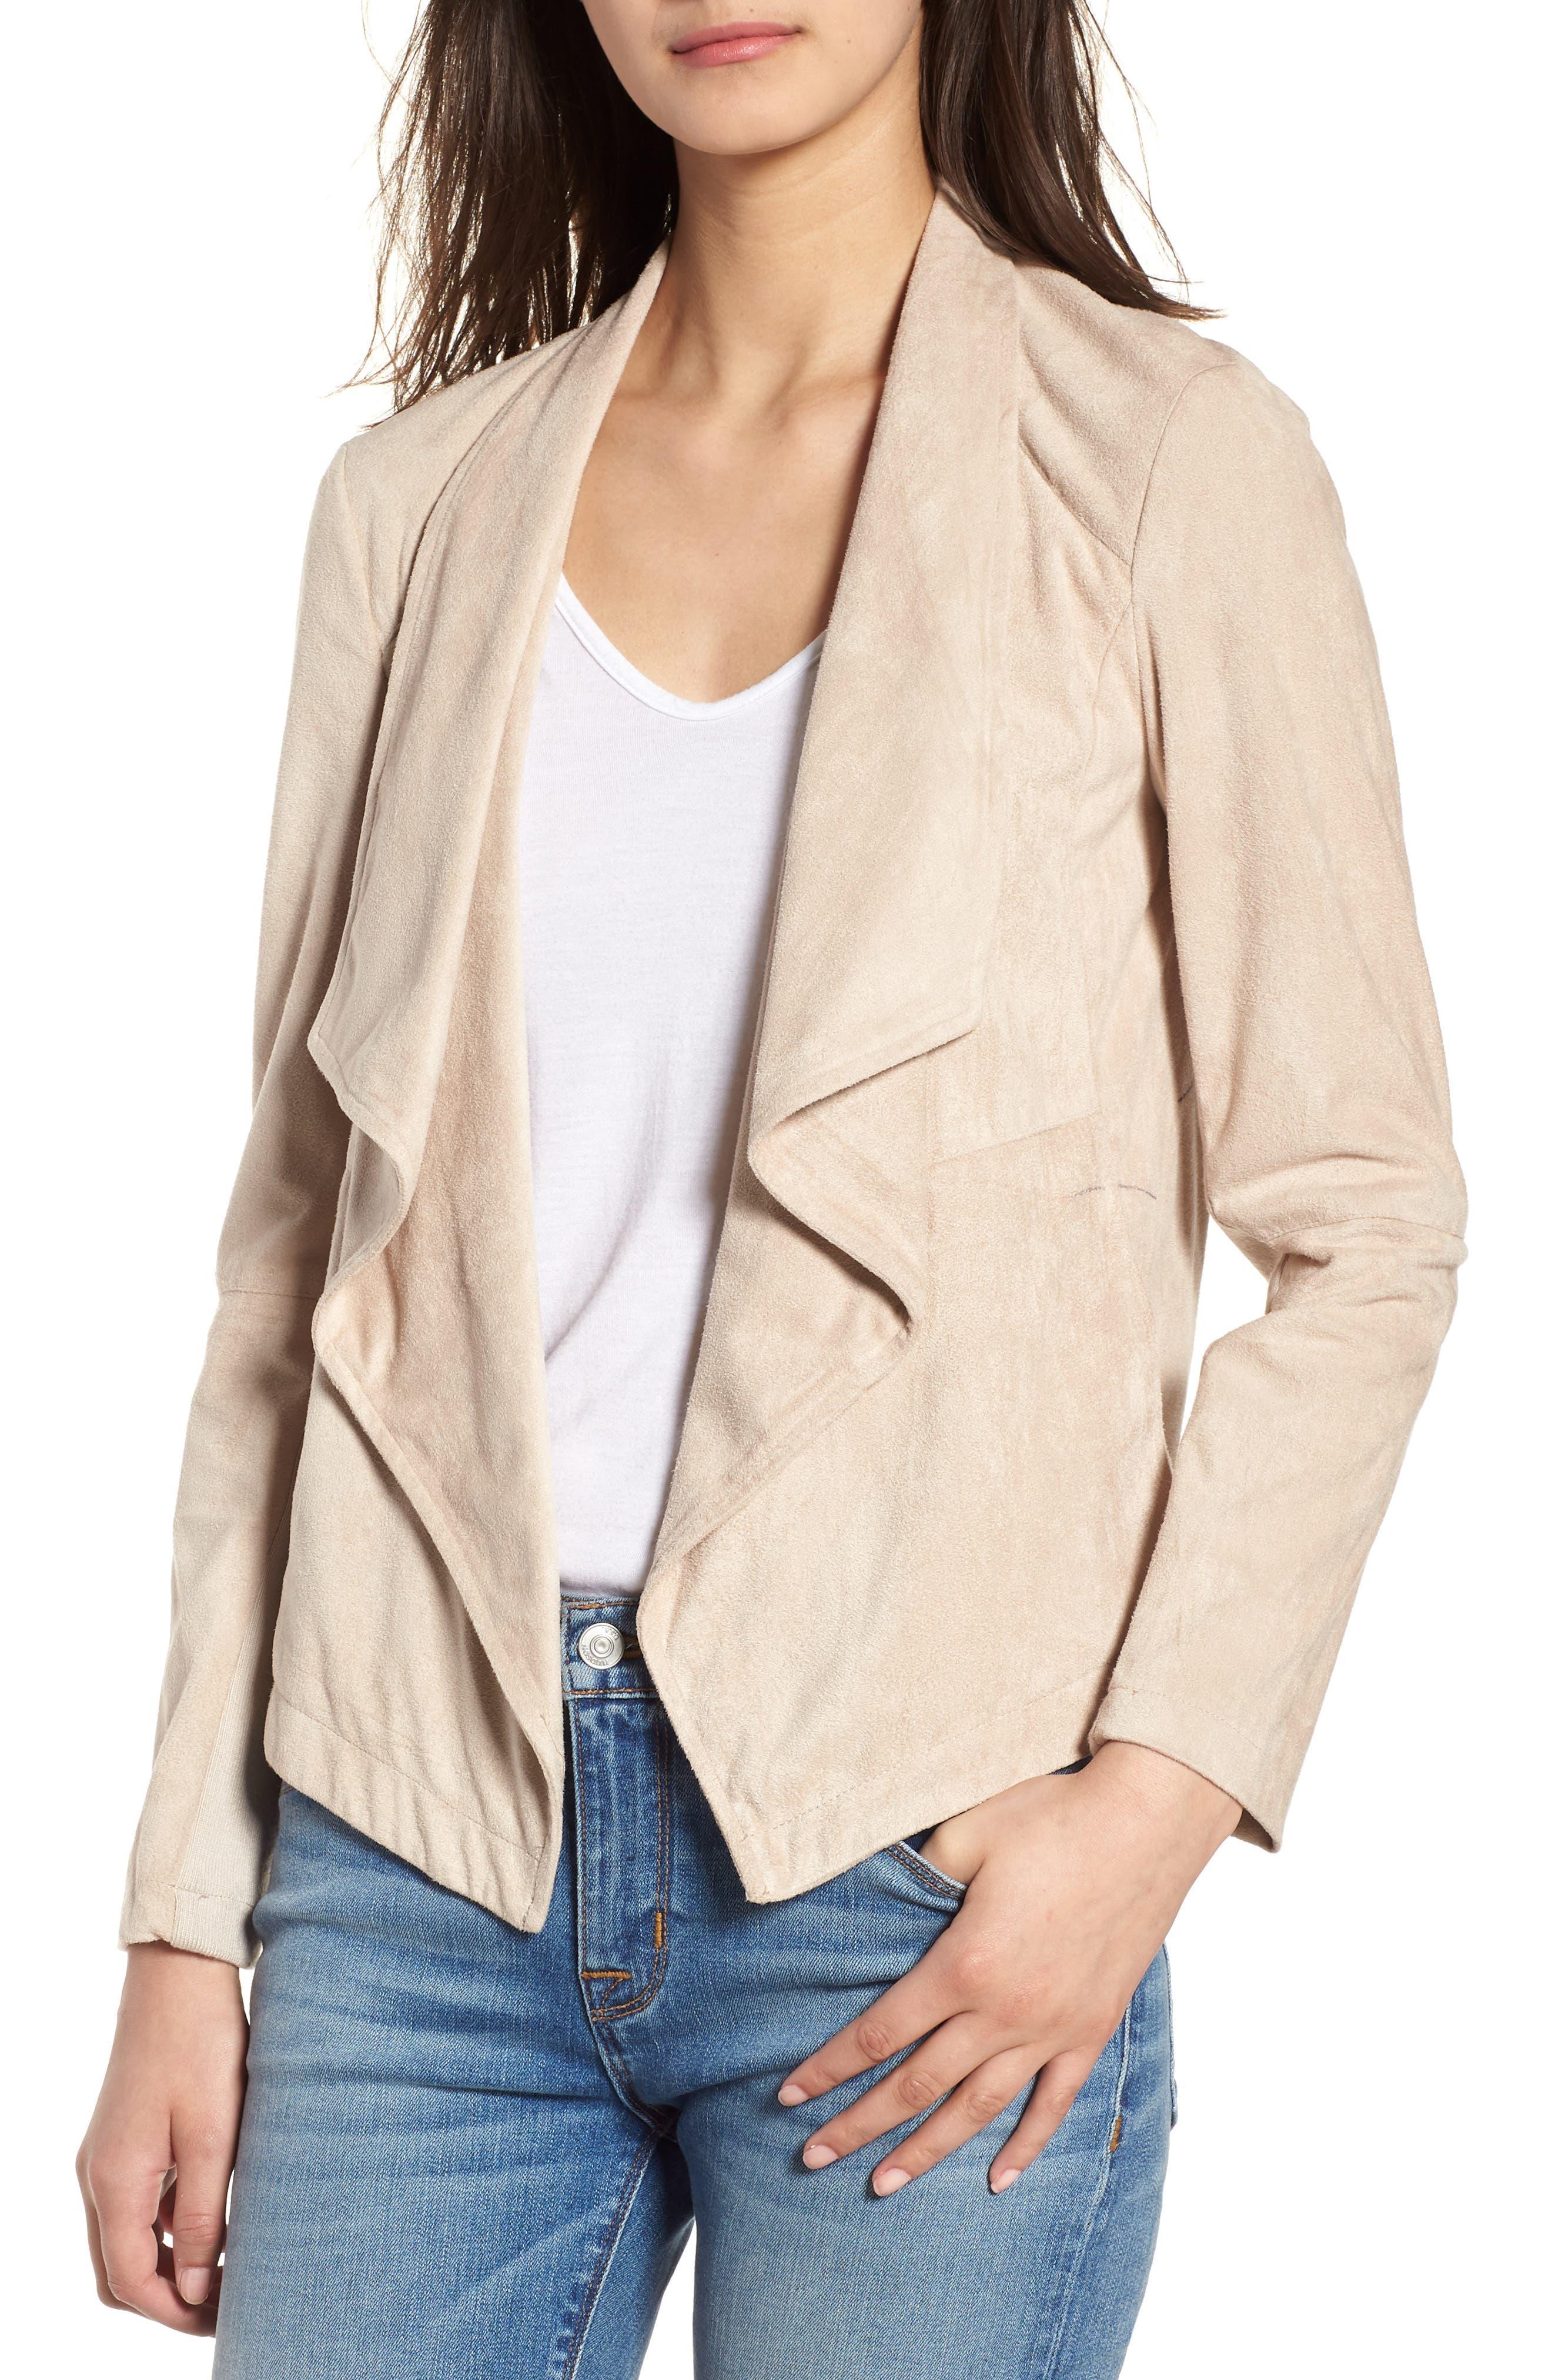 Nicholson Faux Suede Drape Front Jacket,                         Main,                         color, Bone